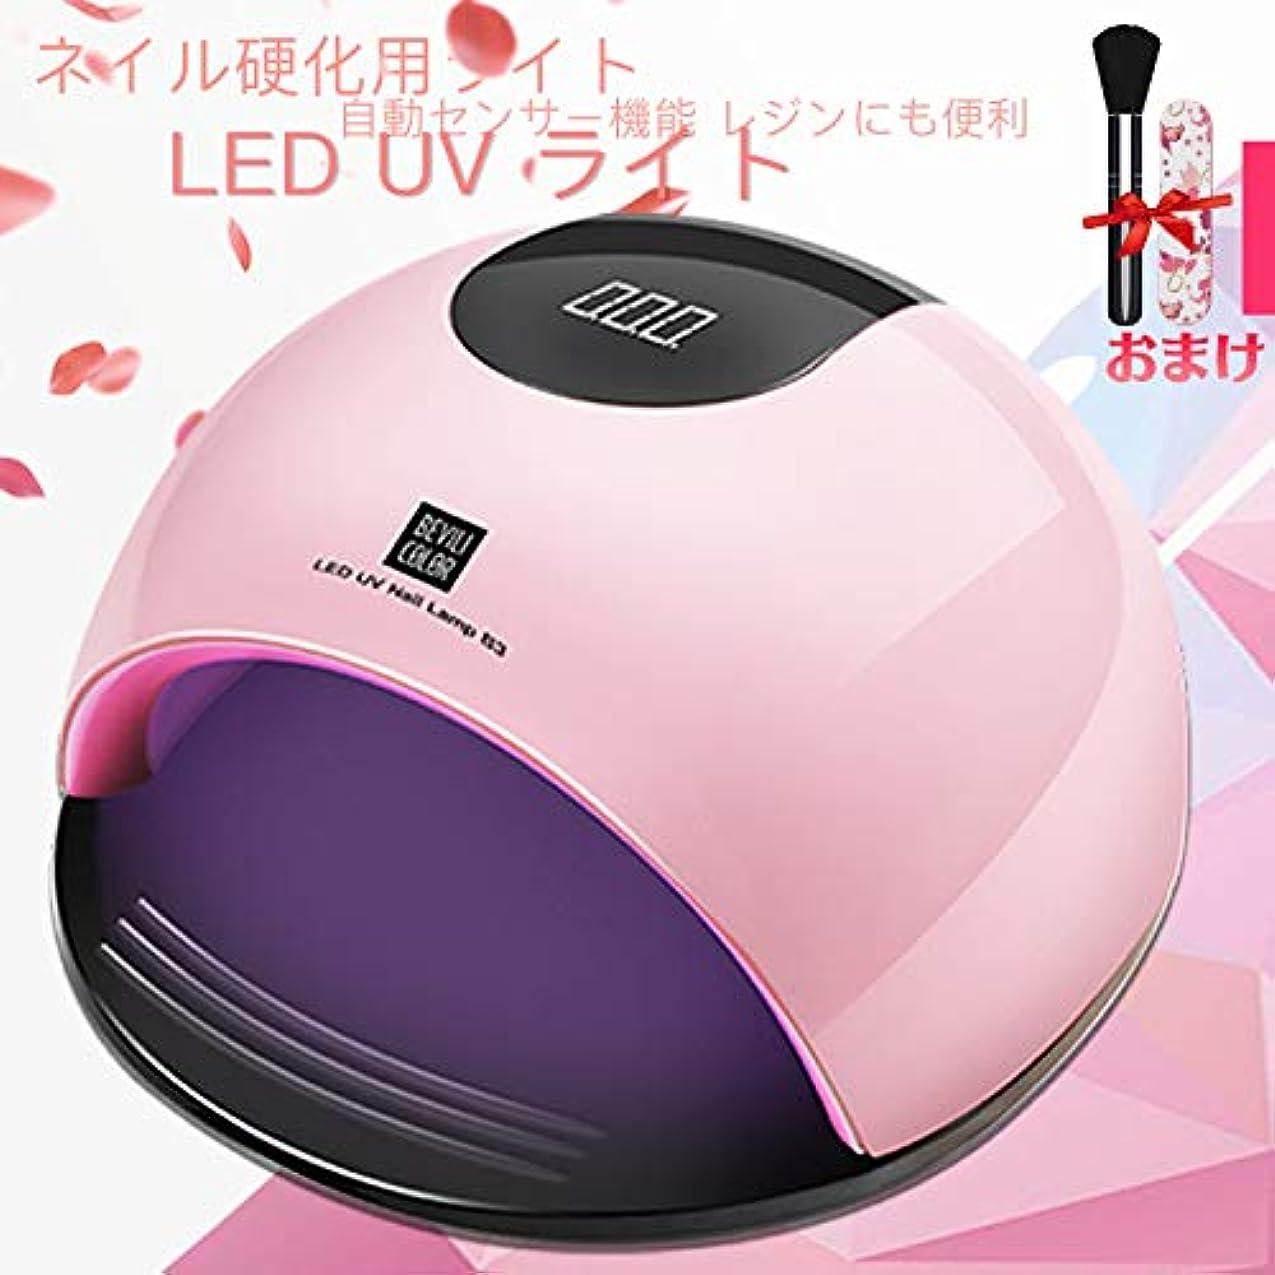 等理解する身元ジェルネイル ライトレジン uvライトネイルドライヤー ハンドフット両用 ネイル led ライト80W ハイパワー ジェルネイルライト 肌をケア センサータイマー付き (Pink)